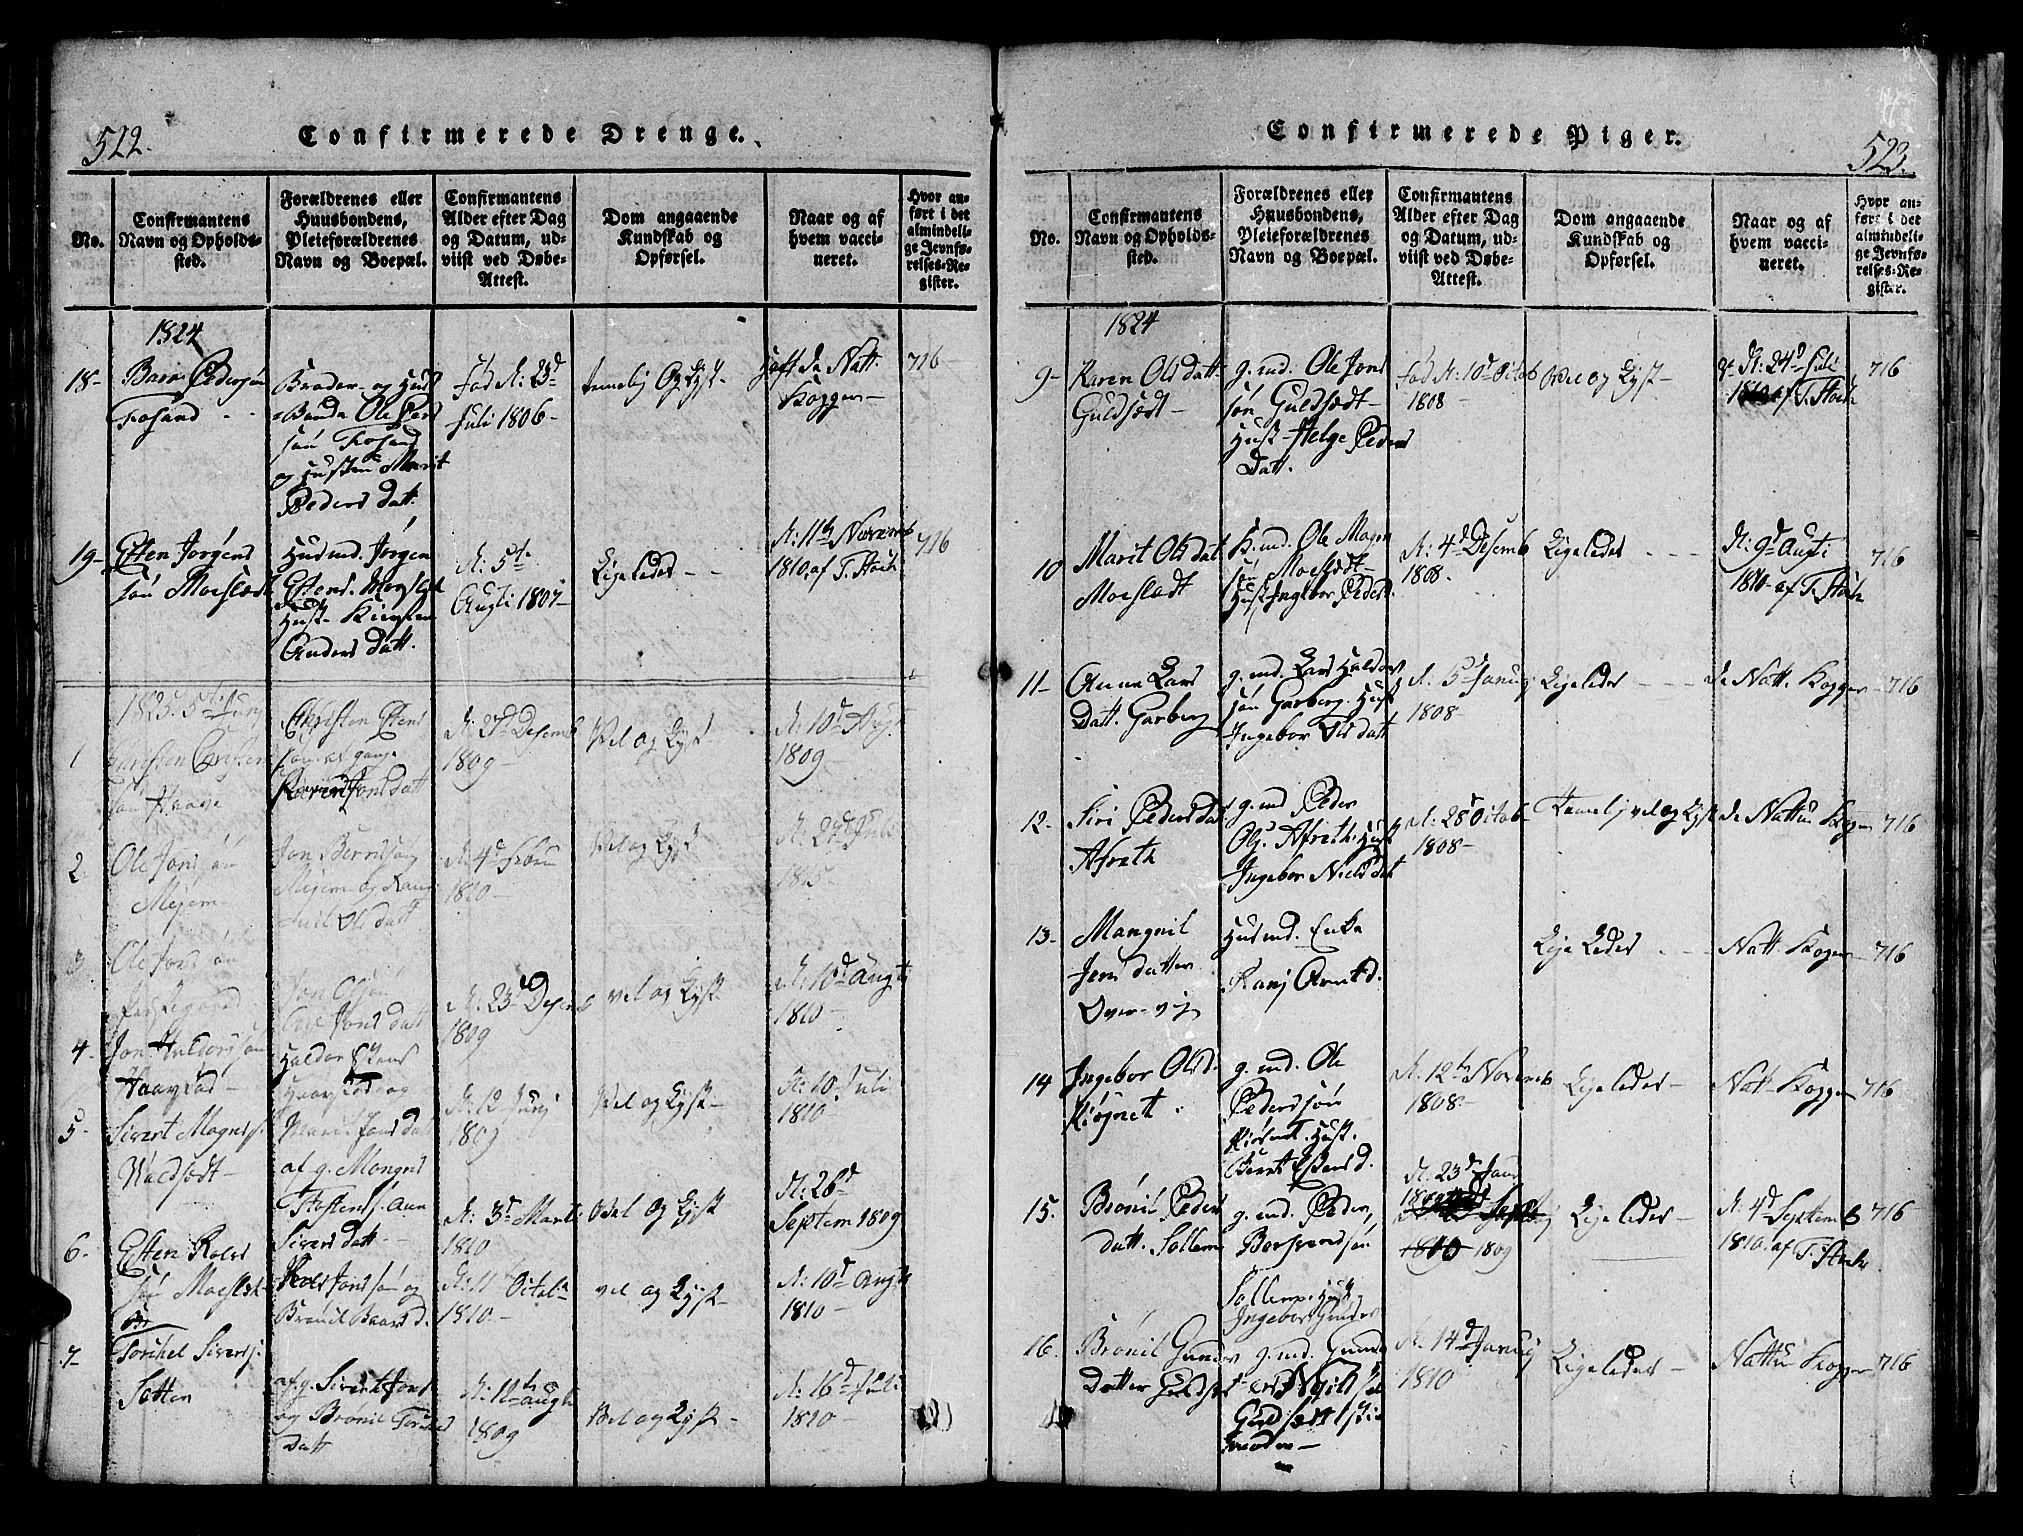 SAT, Ministerialprotokoller, klokkerbøker og fødselsregistre - Sør-Trøndelag, 695/L1152: Klokkerbok nr. 695C03, 1816-1831, s. 522-523